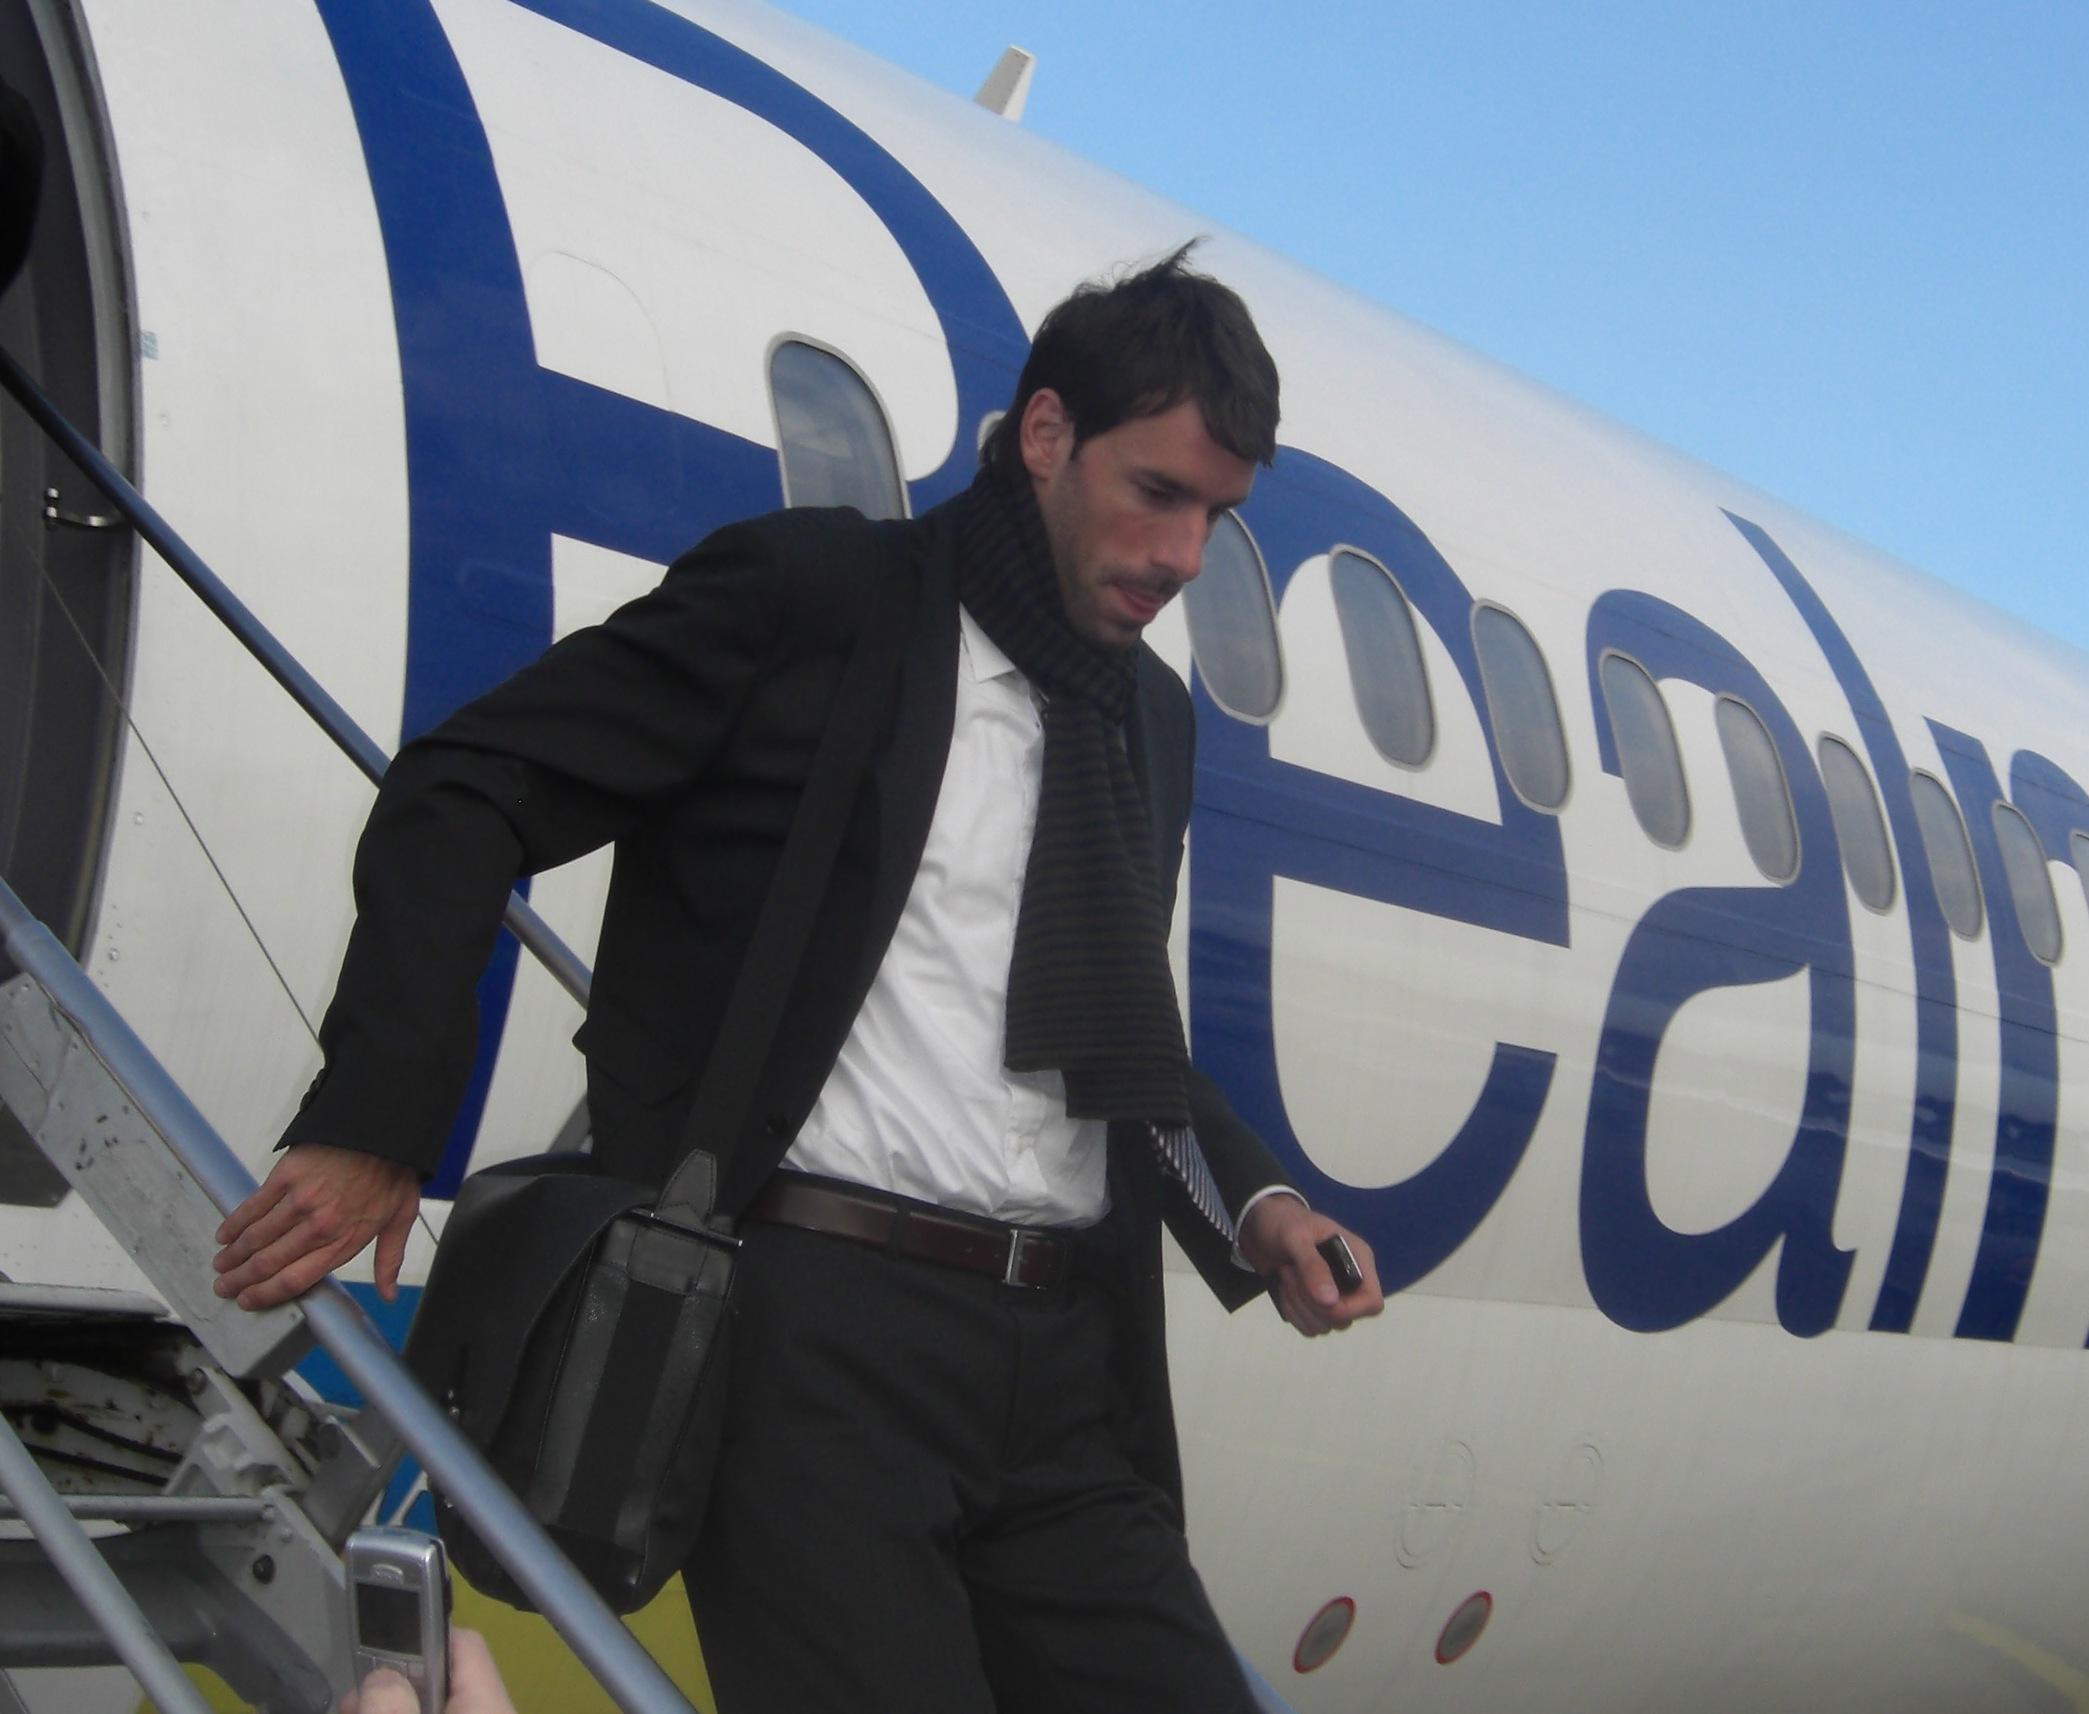 Ruud van Nistelrooy bajando de un avión